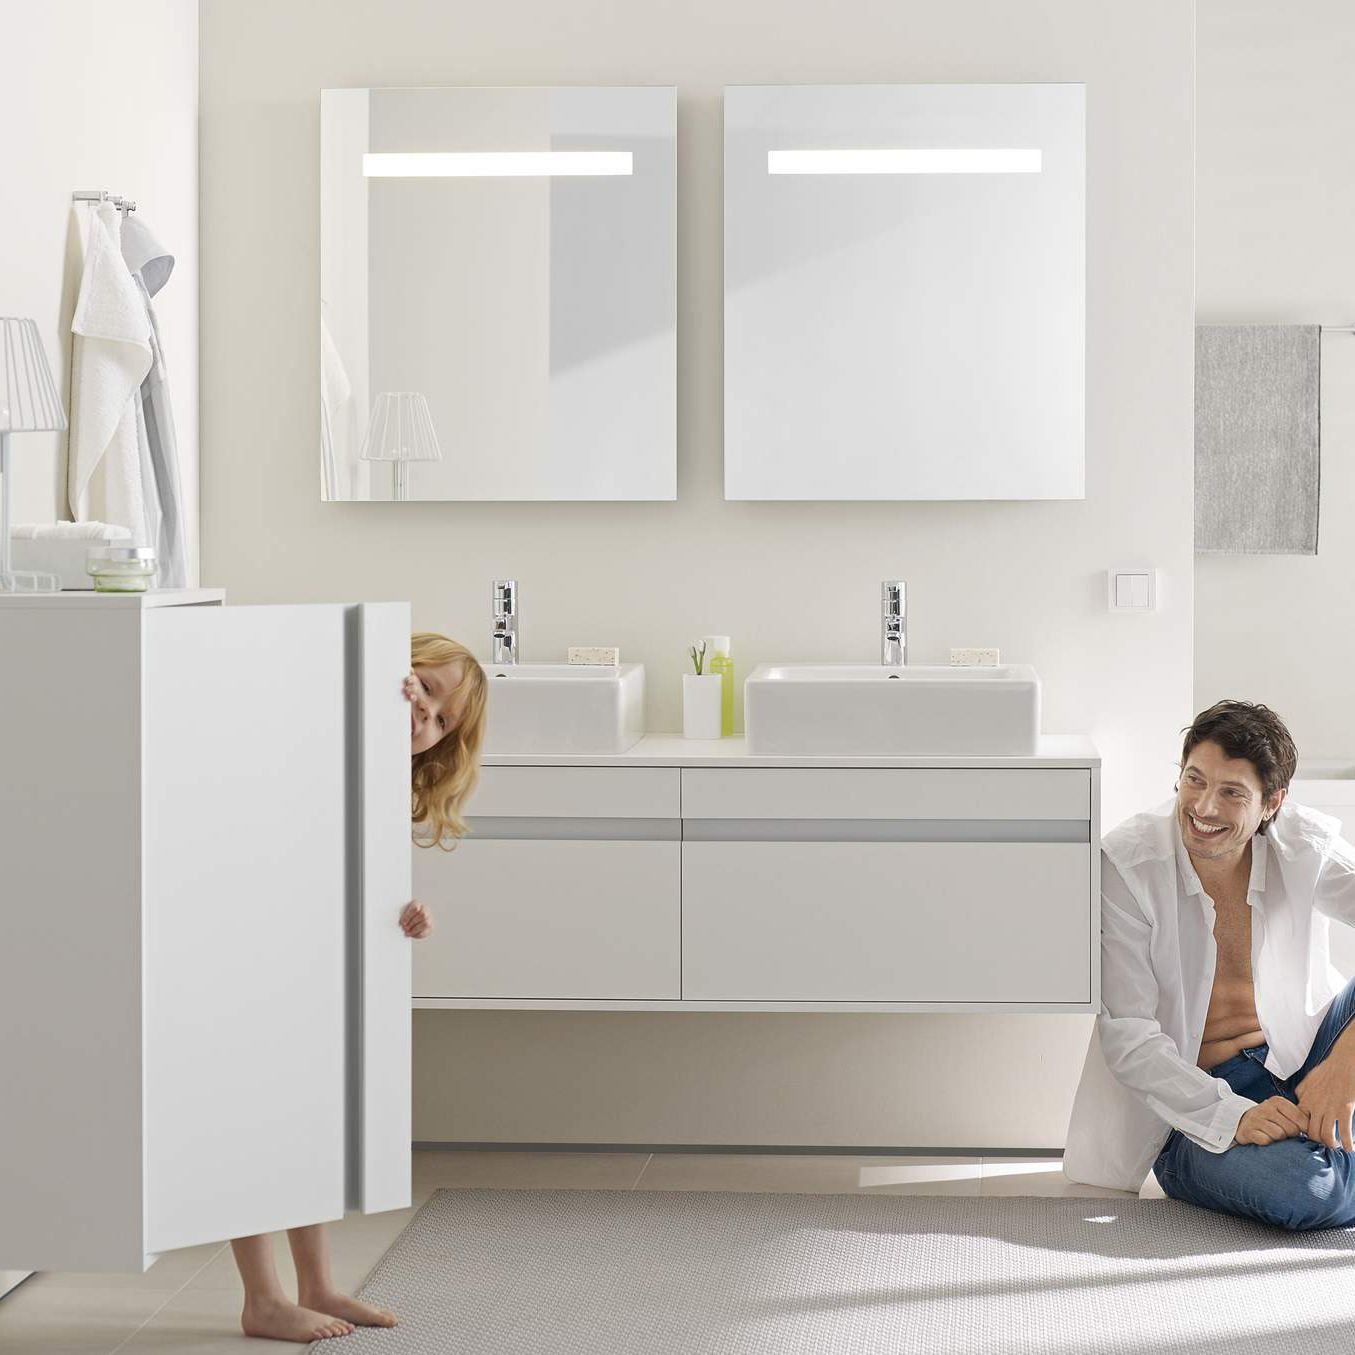 Unterschrank für badezimmer wandmontage kt6697 blr by christian werner duravit